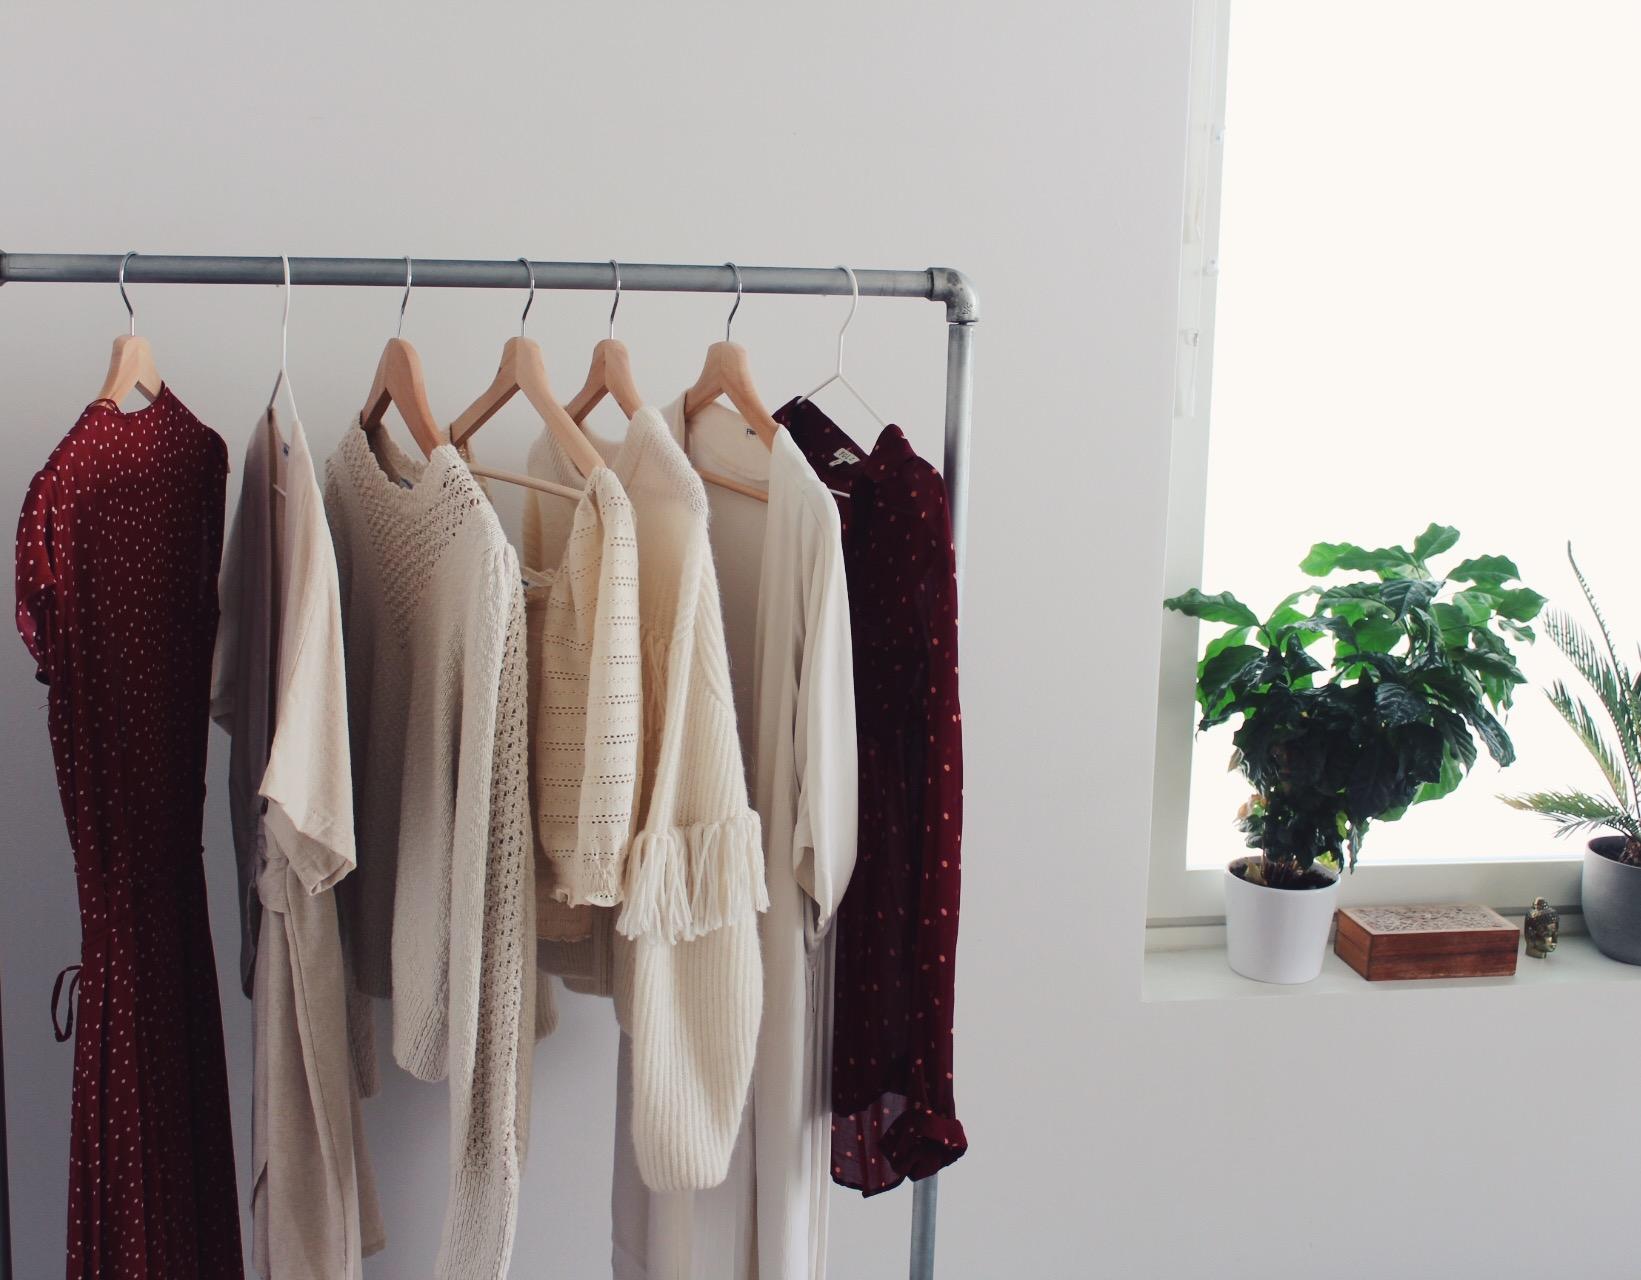 Mitä haluan – mitä tarvitsen